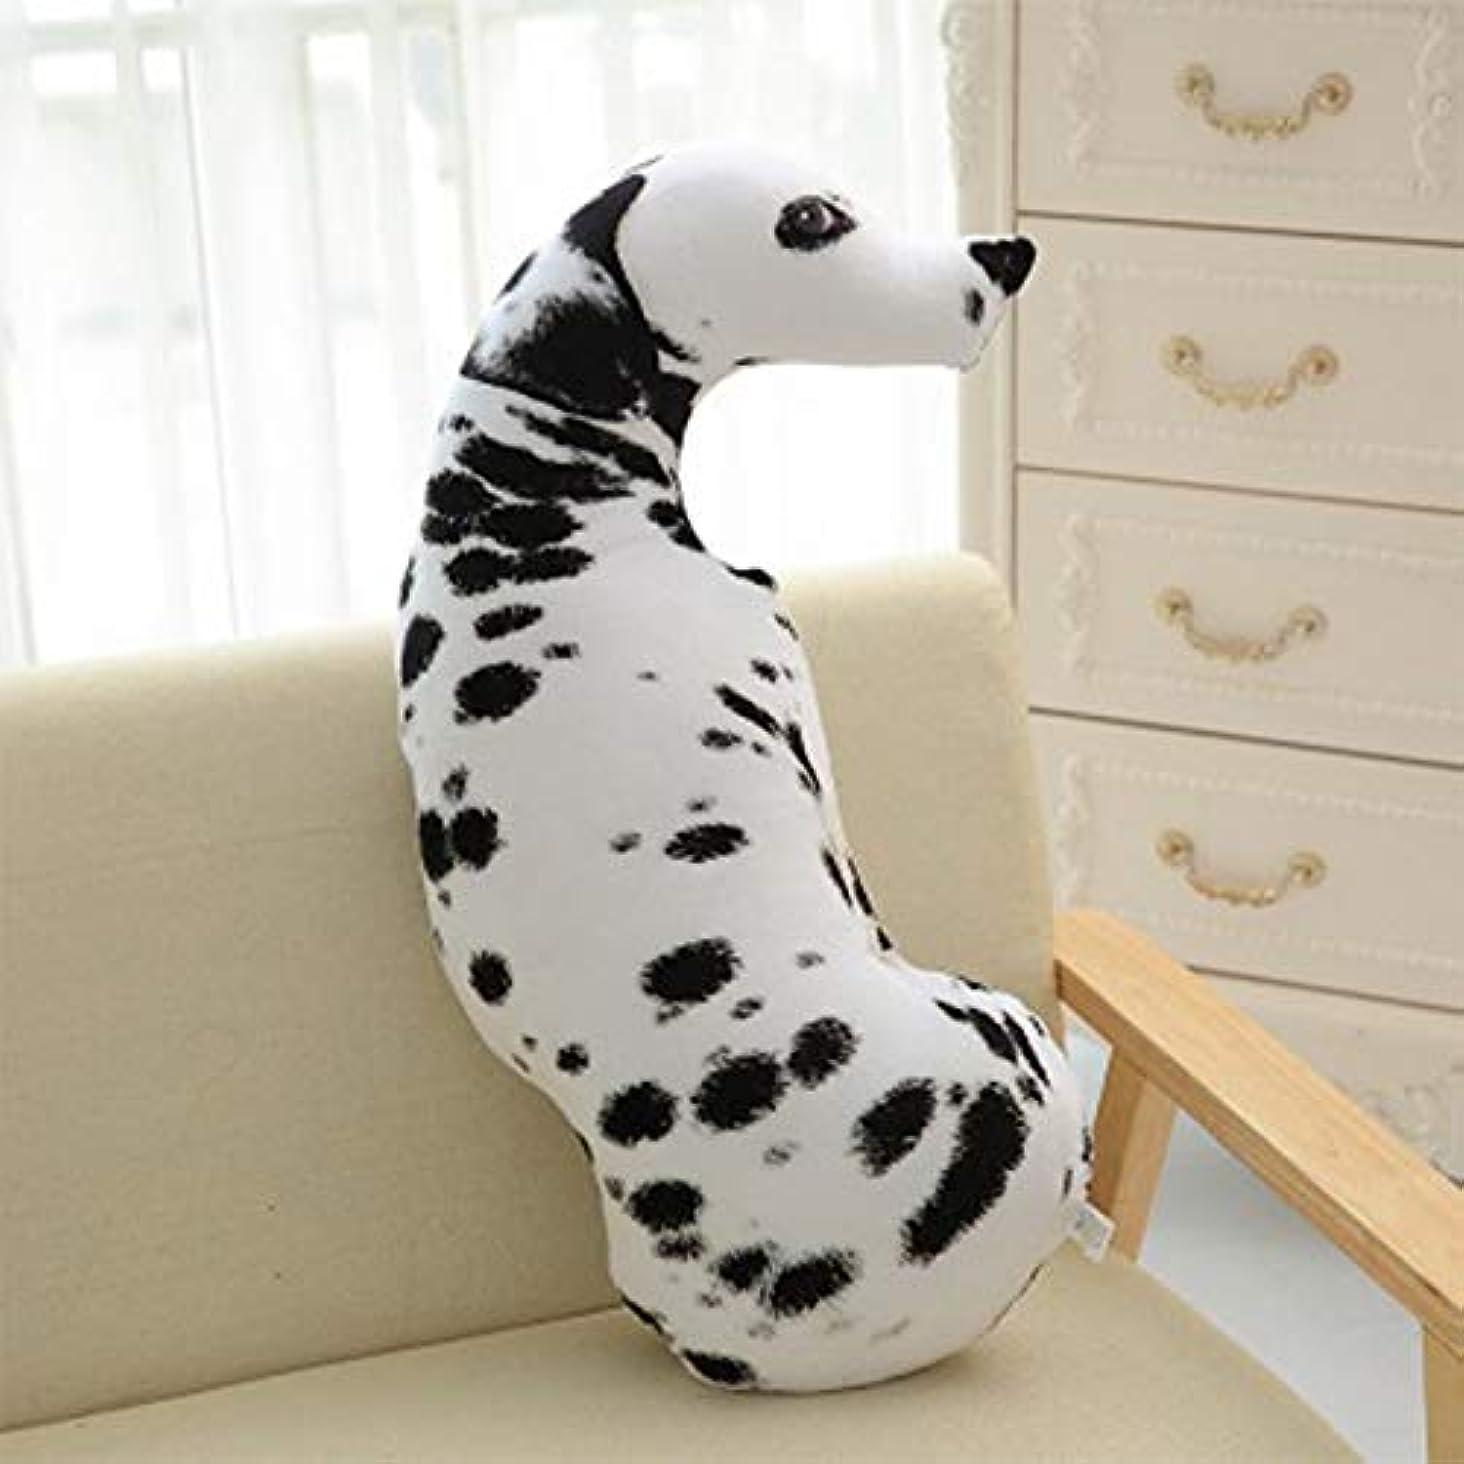 攻撃砲撃氷LIFE 3D プリントシミュレーション犬ぬいぐるみクッションぬいぐるみ犬ぬいぐるみ枕ぬいぐるみの漫画クッションキッズ人形ベストギフト クッション 椅子